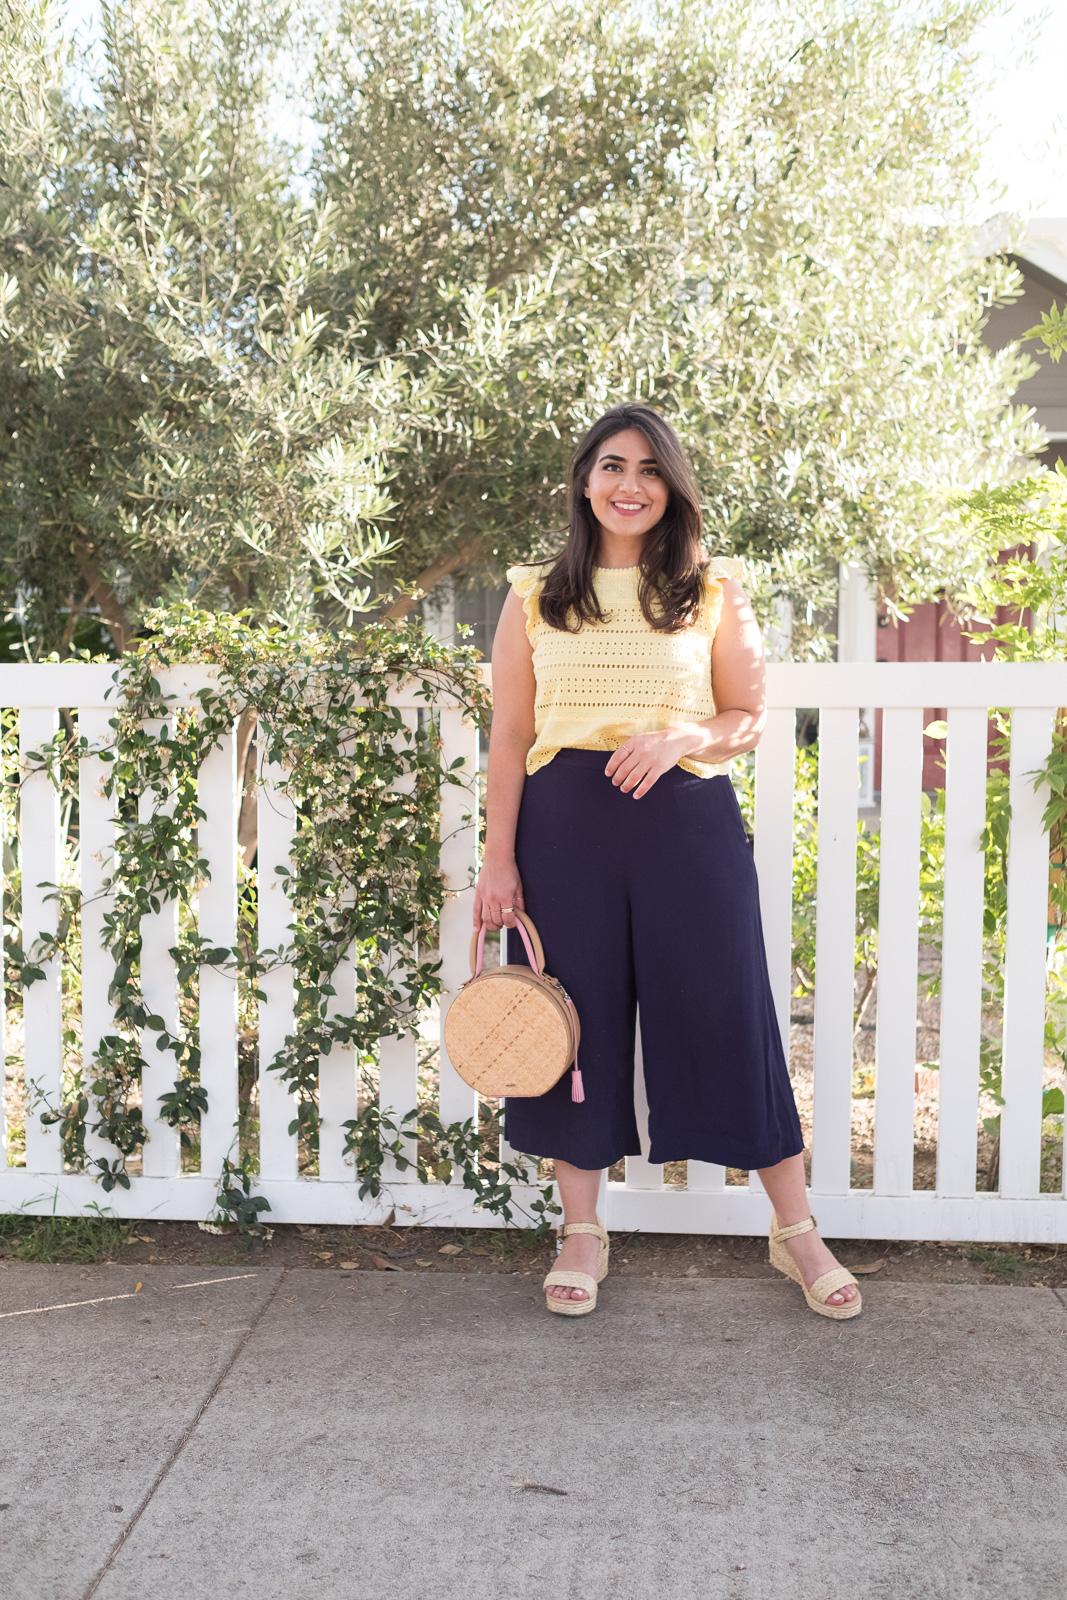 Summer culottes look